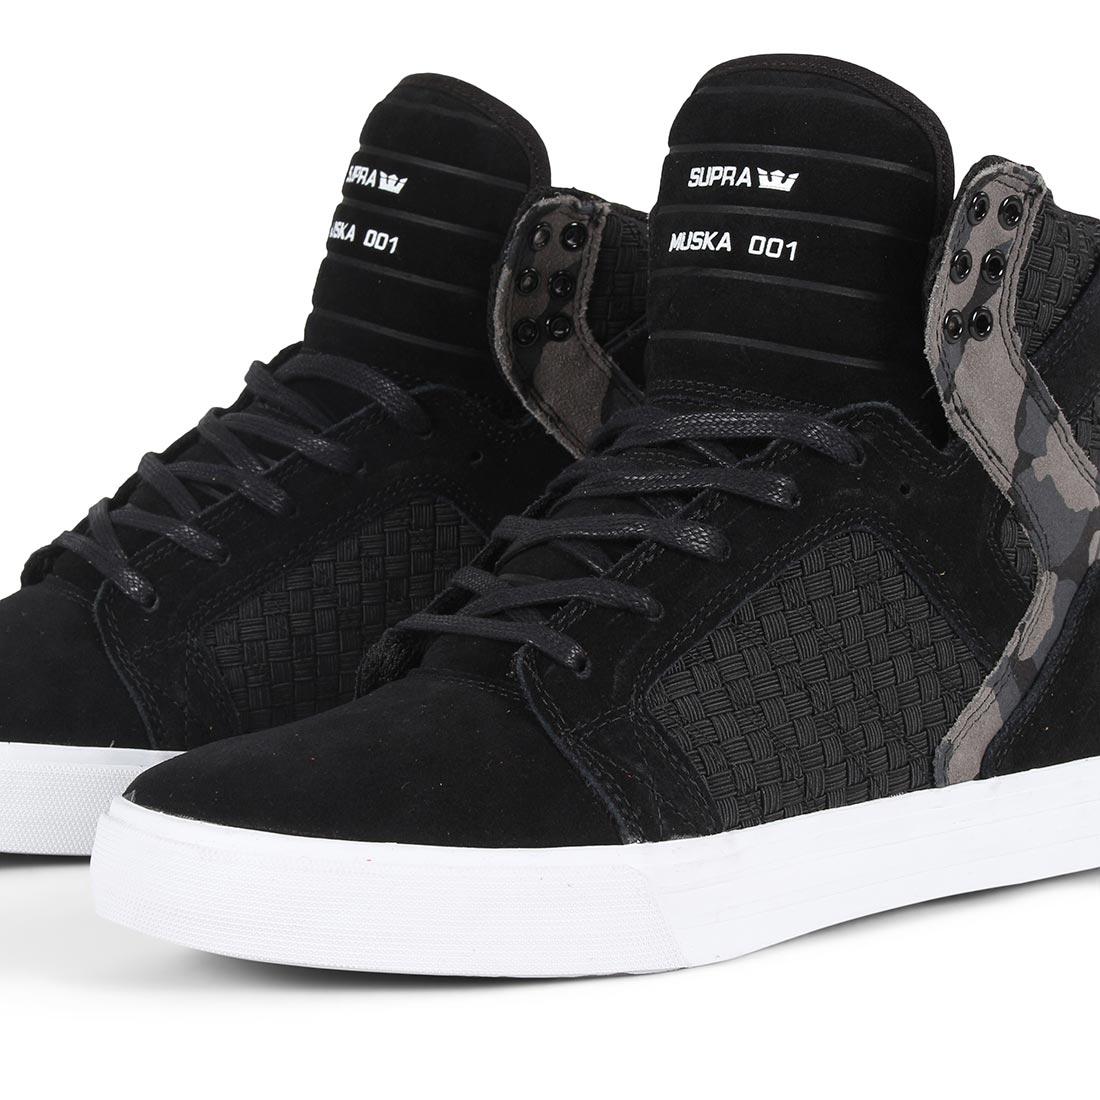 61e4a392e4d0 ... Supra-Skytop-Shoes-Black-Camo-White- ...